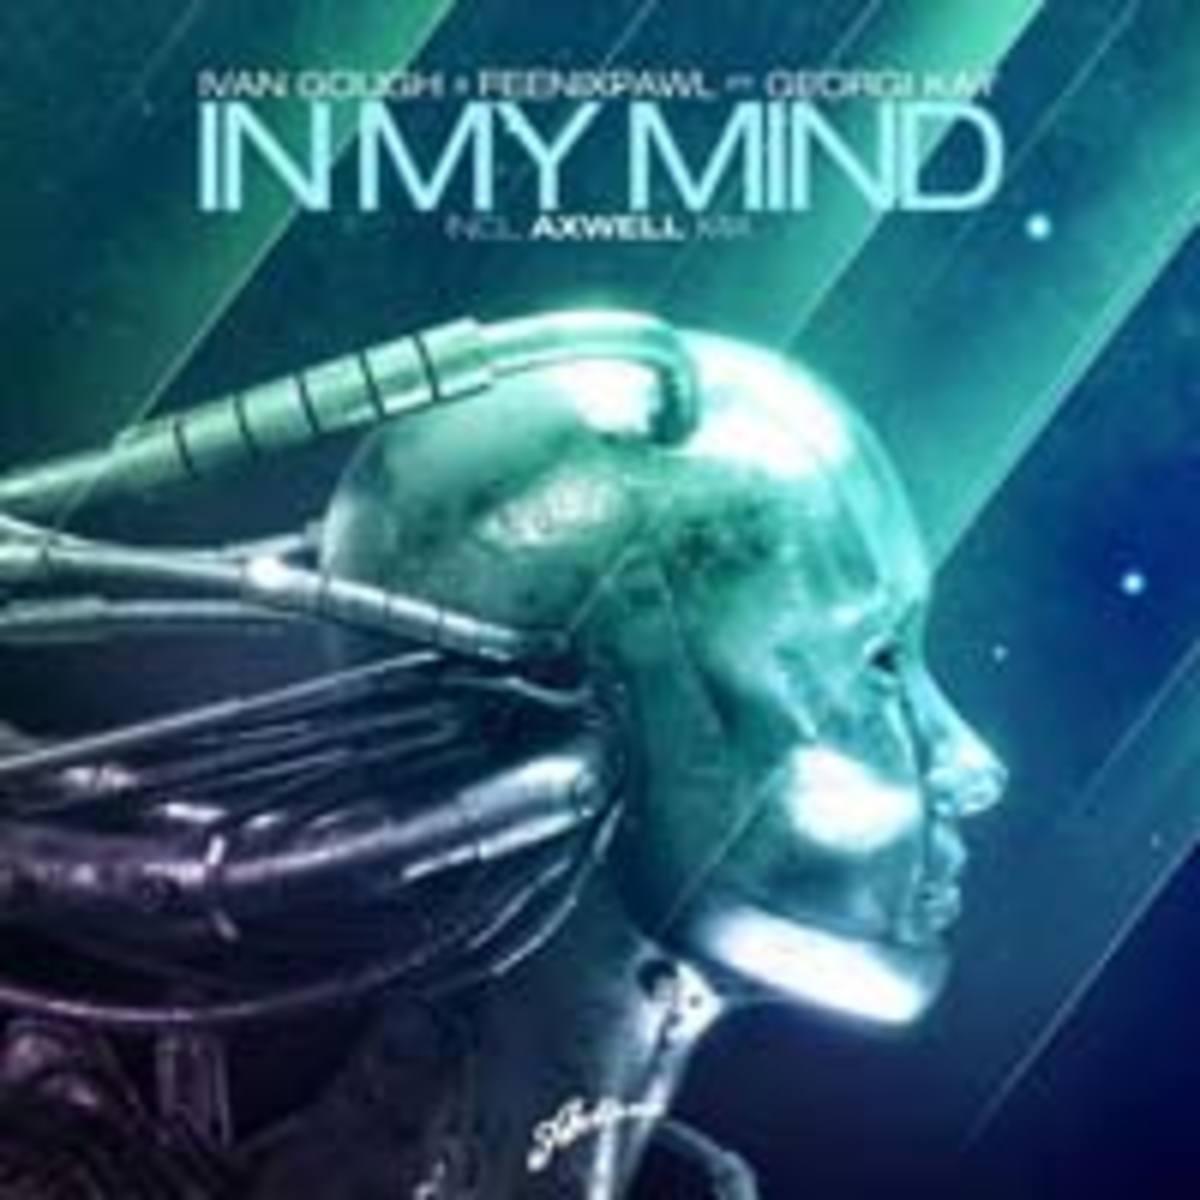 ivan-gough-feenixpawl-e28093-in-my-mind-feat-georgi-kay-axwell-mix